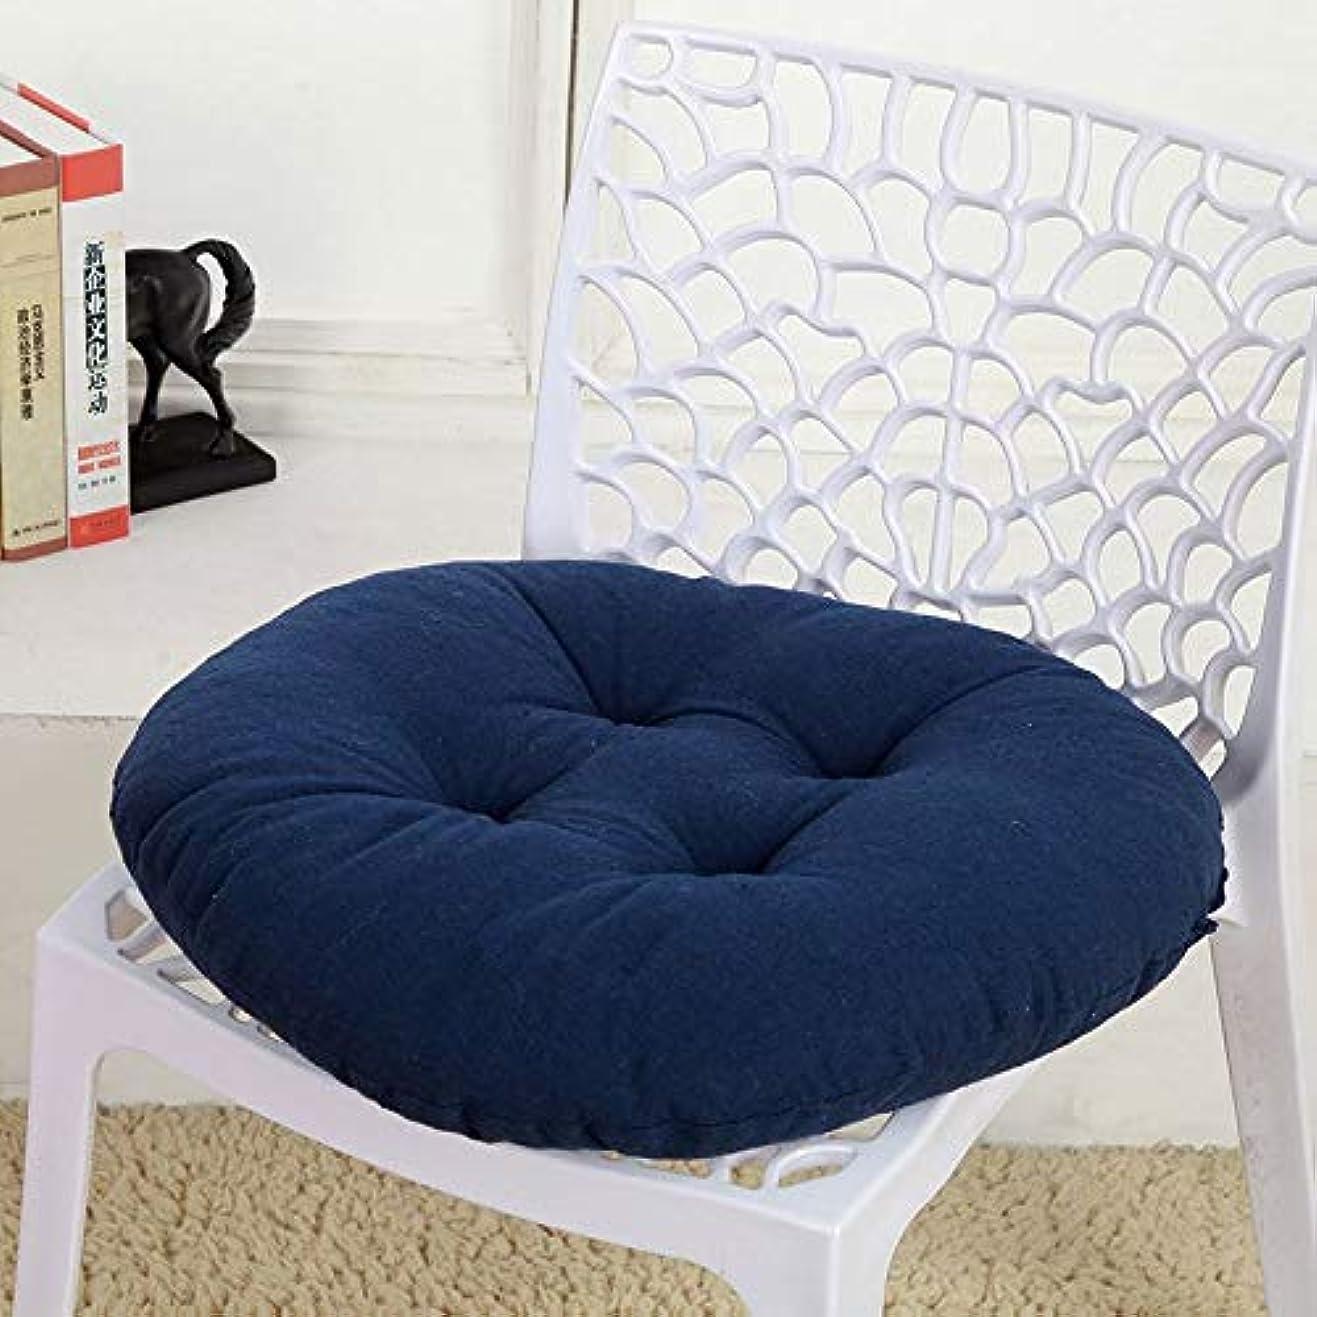 魔法グッゲンハイム美術館無心LIFE キャンディカラーのクッションラウンドシートクッション波ウィンドウシートクッションクッション家の装飾パッドラウンド枕シート枕椅子座る枕 クッション 椅子